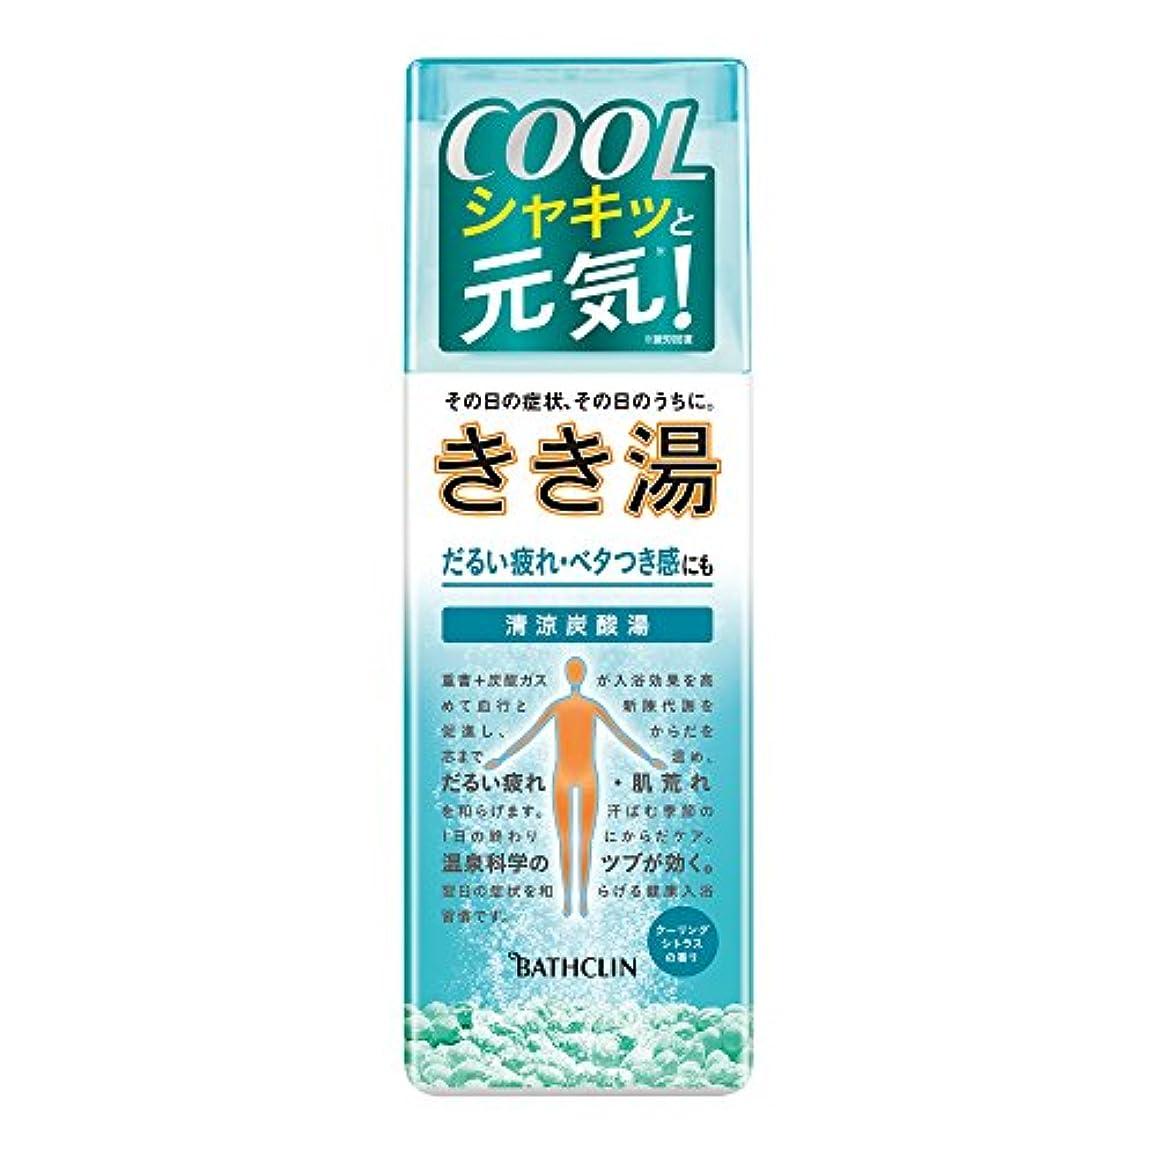 家族賞賛する提供【医薬部外品】きき湯清涼炭酸湯クーリングシトラスの香り360gスカイブルーの湯透明タイプ入浴剤